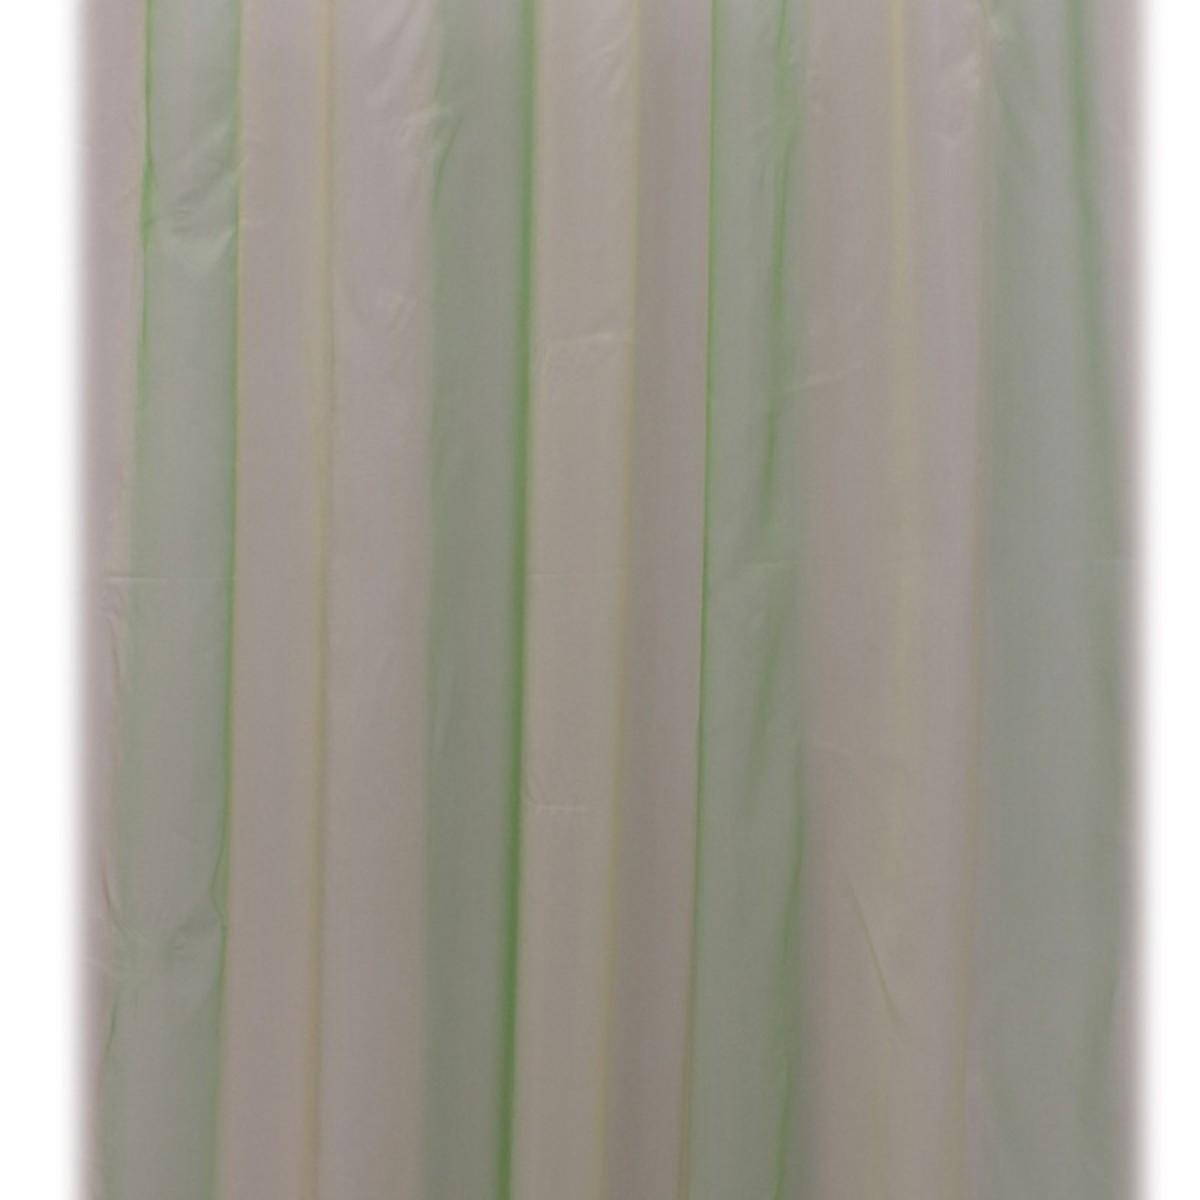 Тюль 1 п/м 280 см полуорганза цвет бежево-салатовый